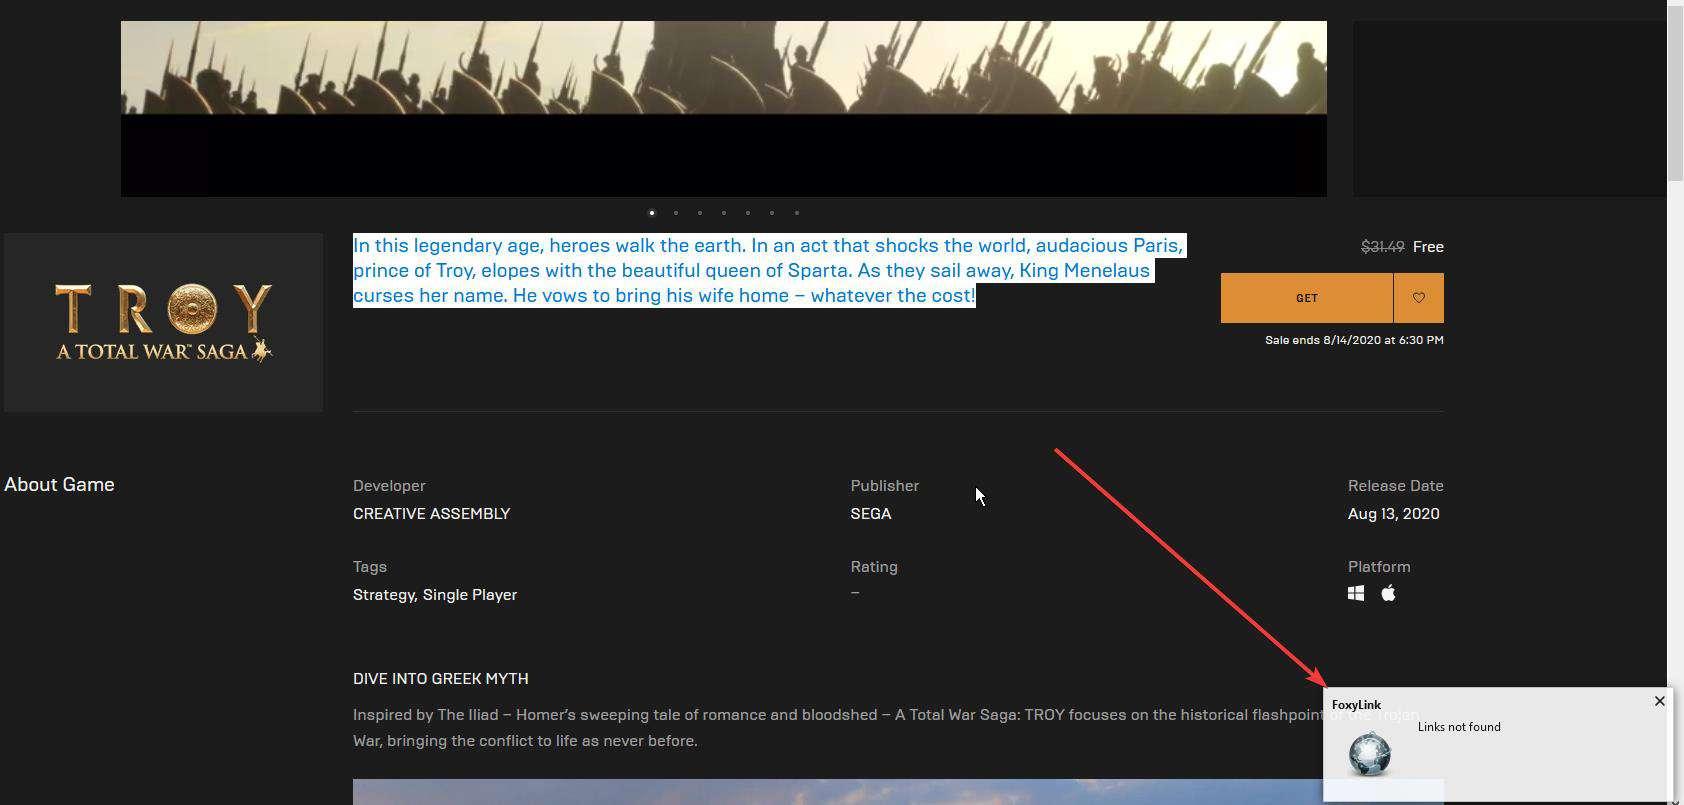 FoxyLink links not found